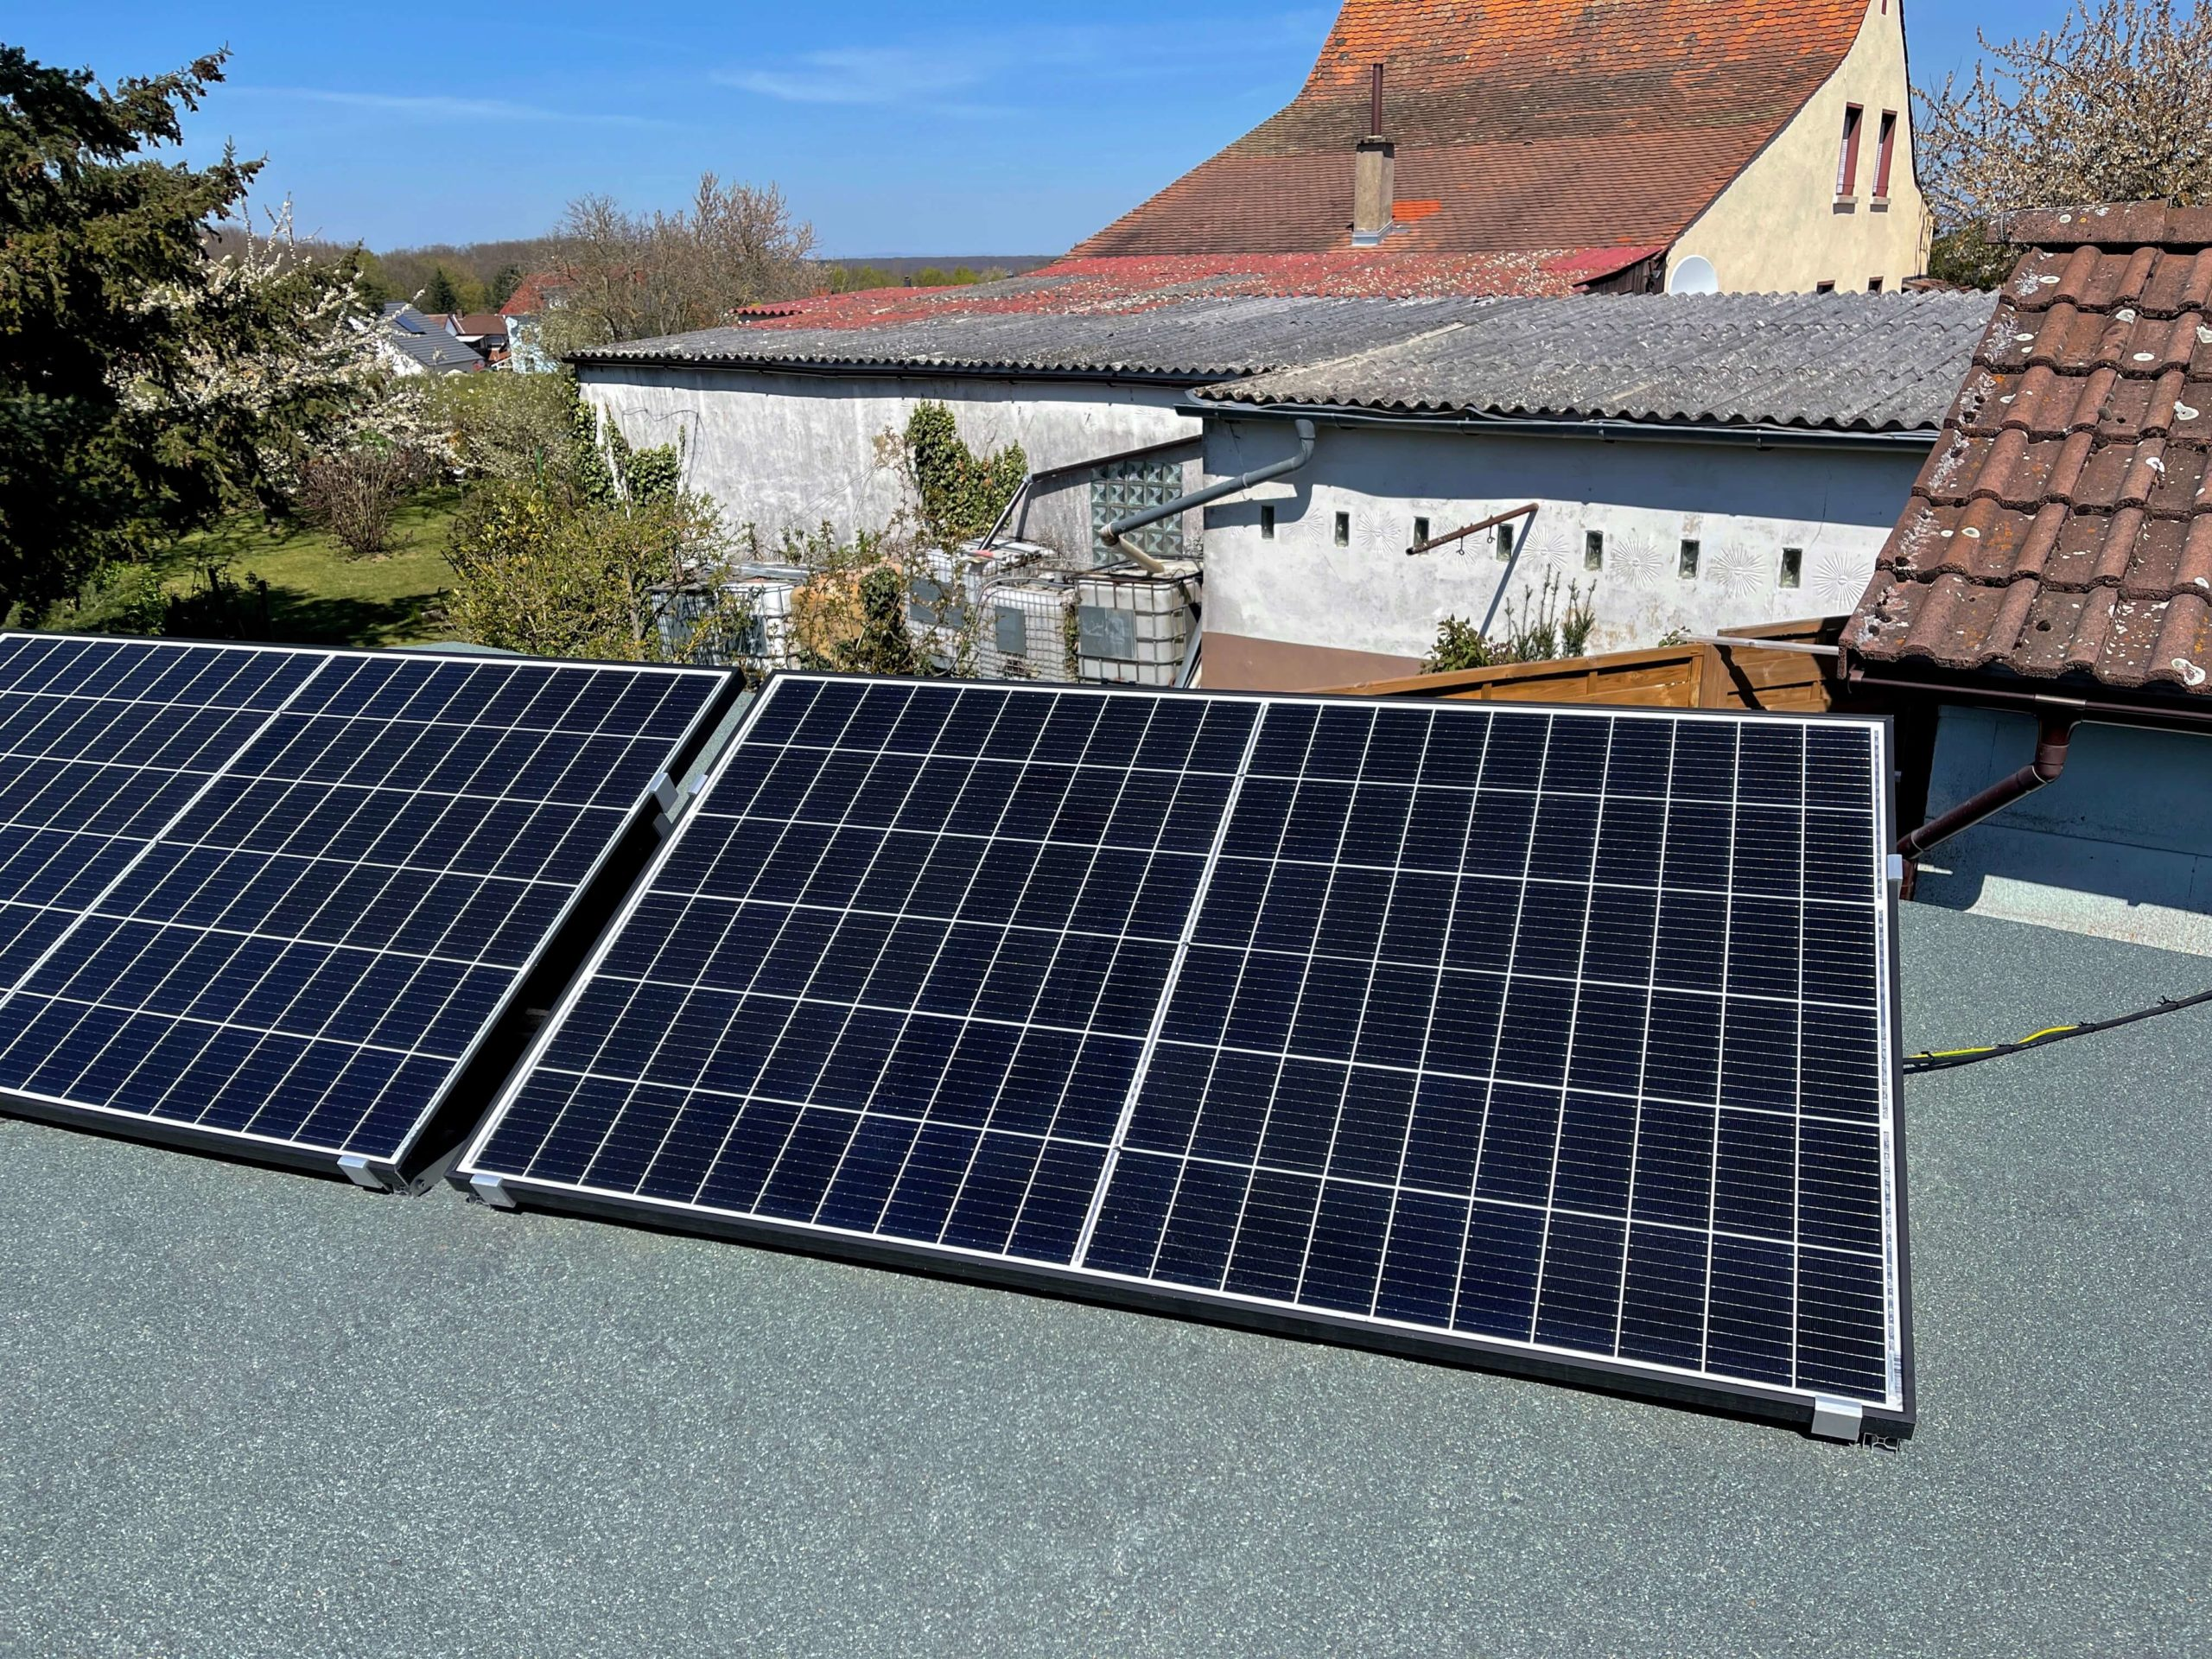 Solarstrom-fuer-das-SmartHome-selbst-produzieren-und-Geld-sparen18-scaled Solarstrom für das SmartHome - Grundverbauch selbst produzieren und Geld sparen